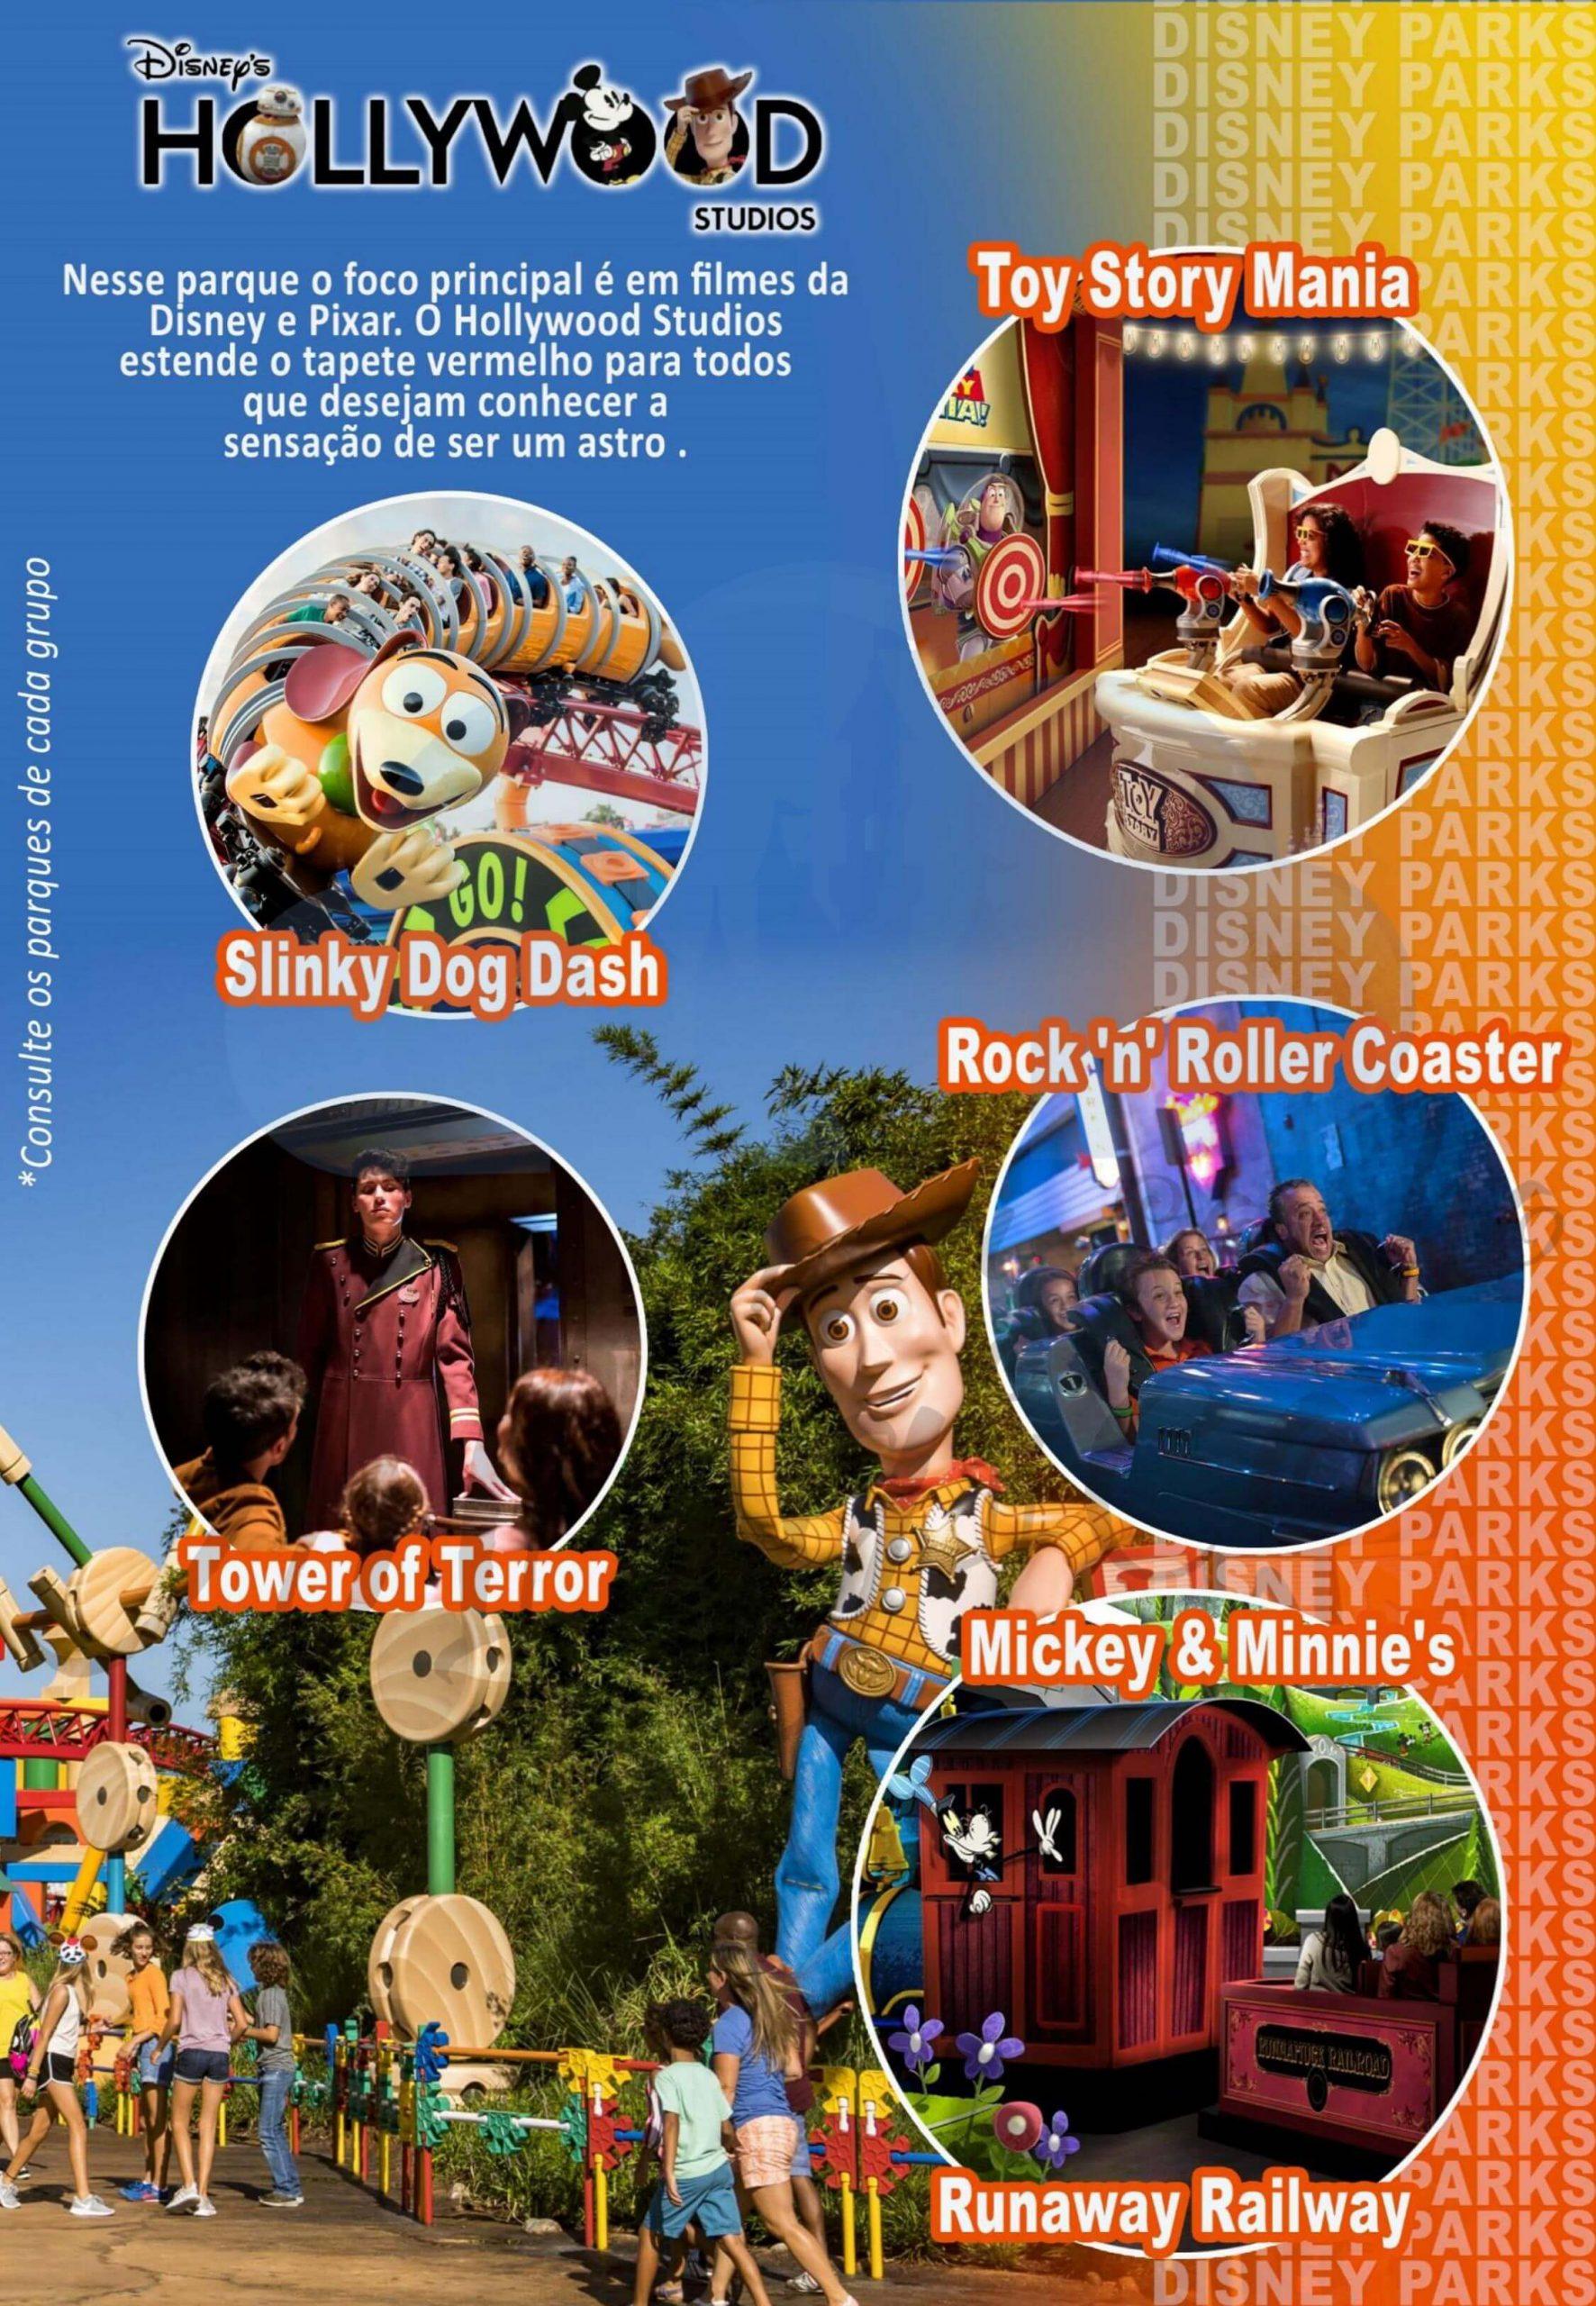 Grupo Teen Verão - Disney Julho 2023 3